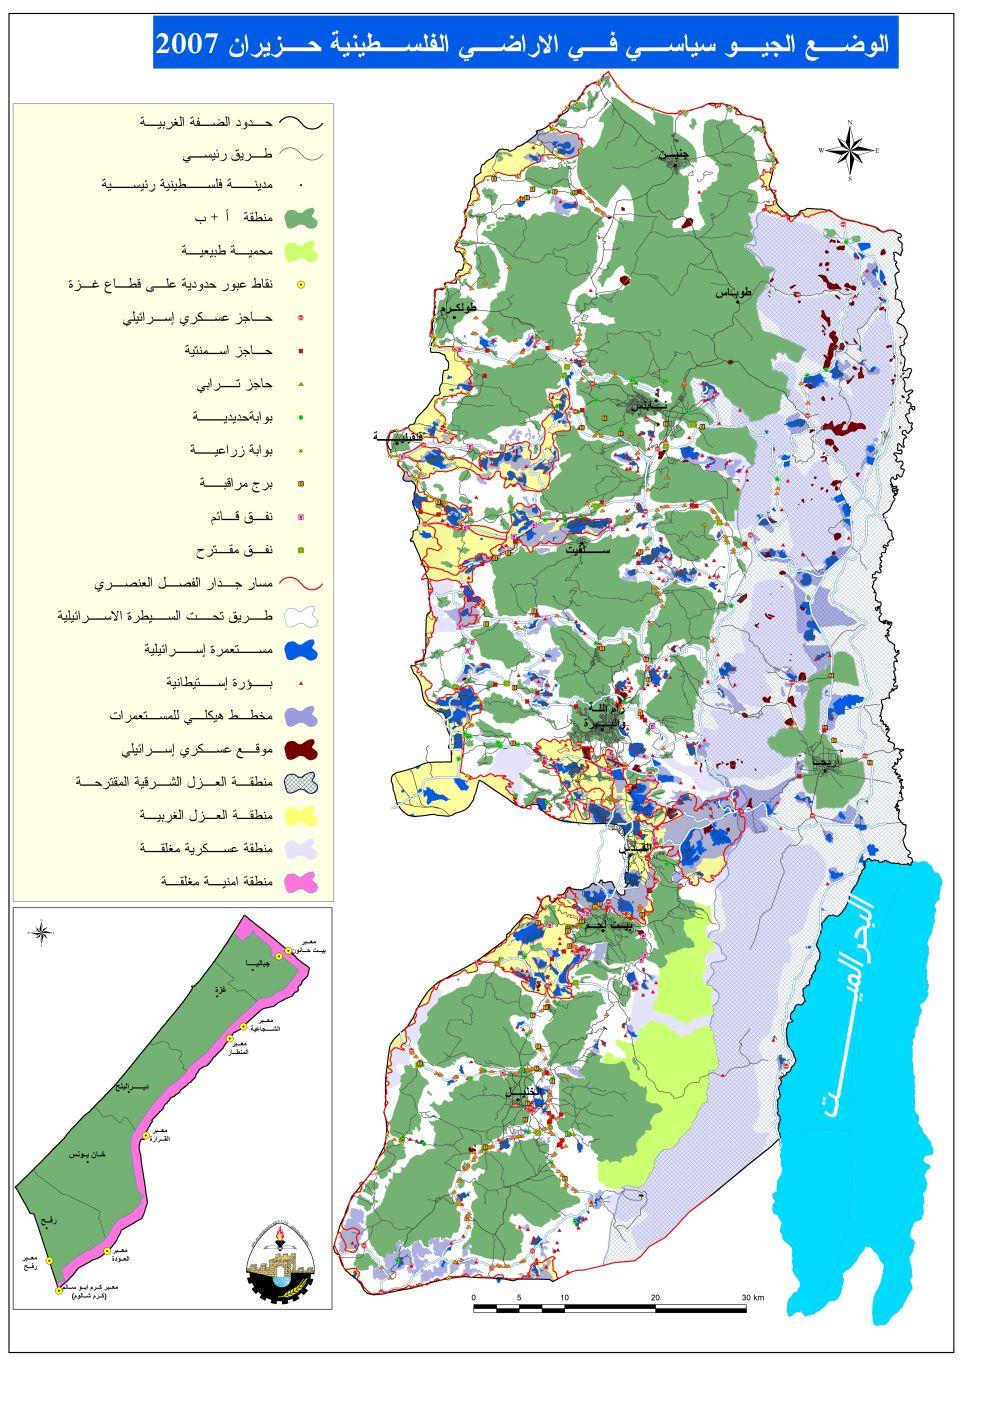 كيف تكون الضفة الغربية محتلة وهناك فلسطينيون يعيشون في الضفة الغربية؟